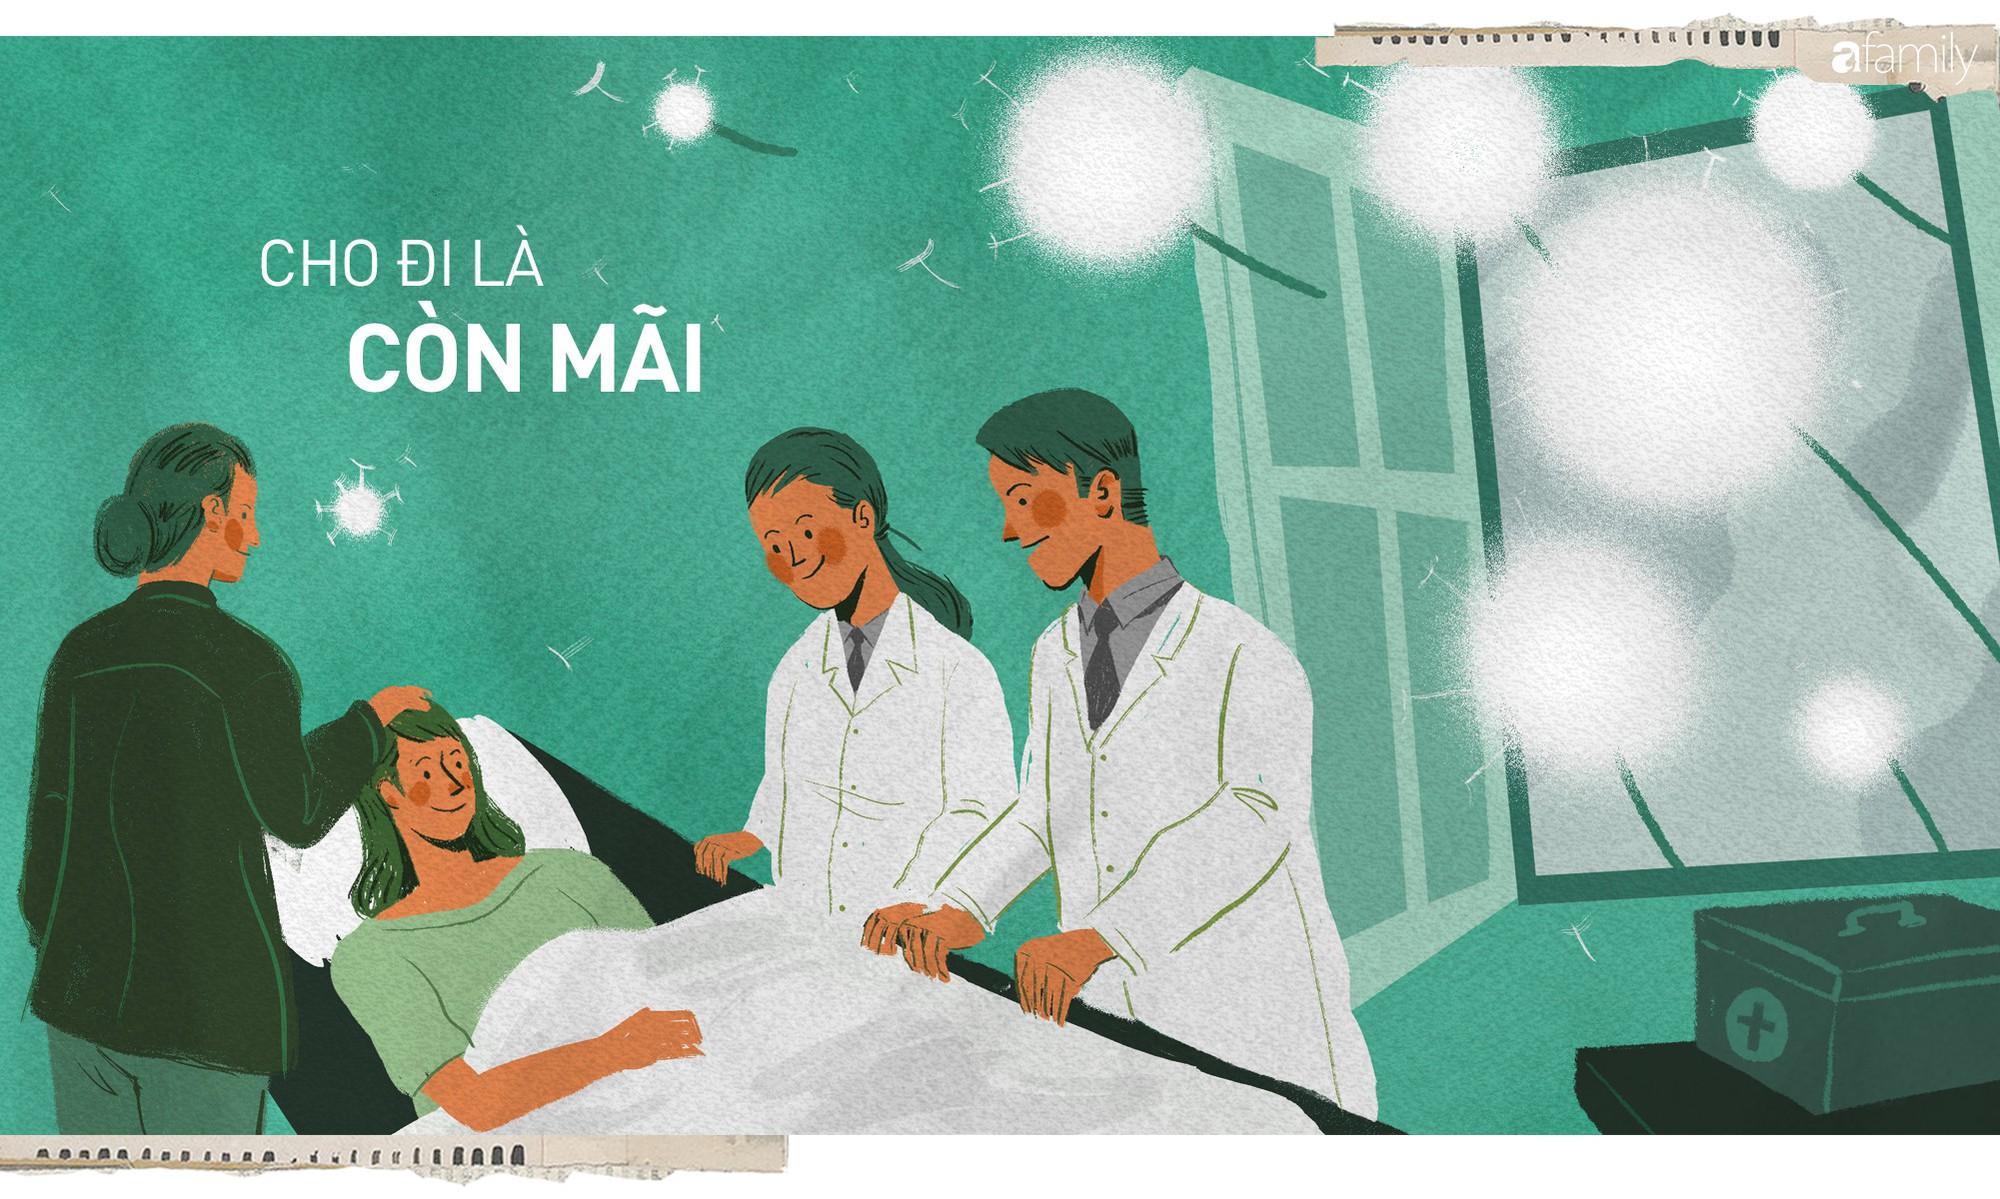 Vợ hiến tạng chồng, mẹ mang tạng con cứu 6 người: Khi cái chết hồi sinh sự sống khác - Ảnh 15.